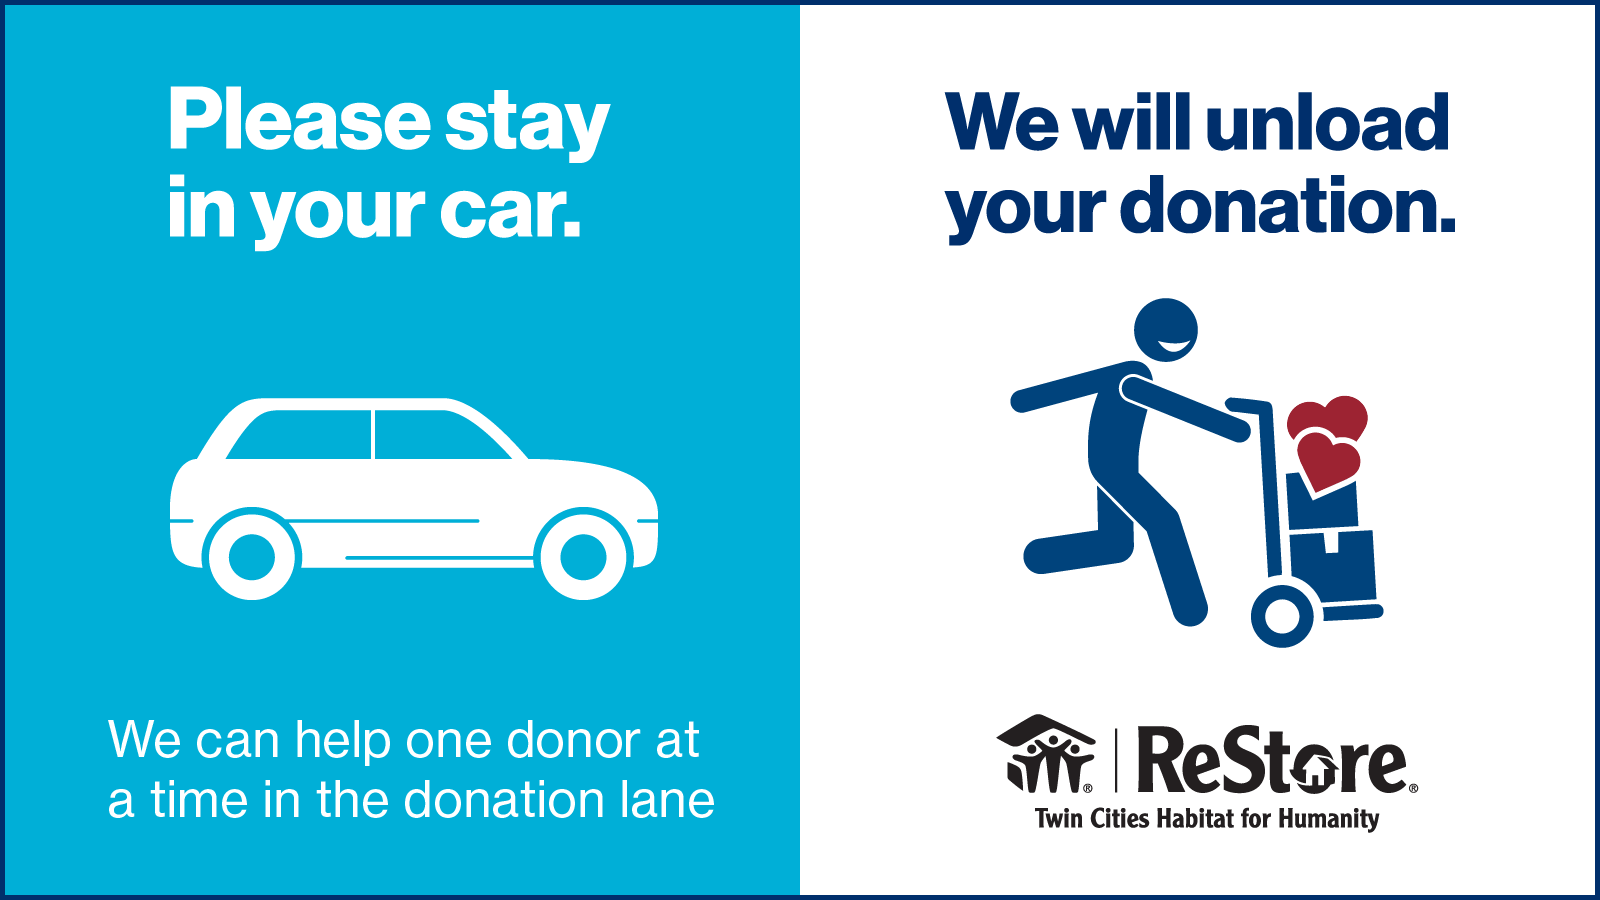 donation door message